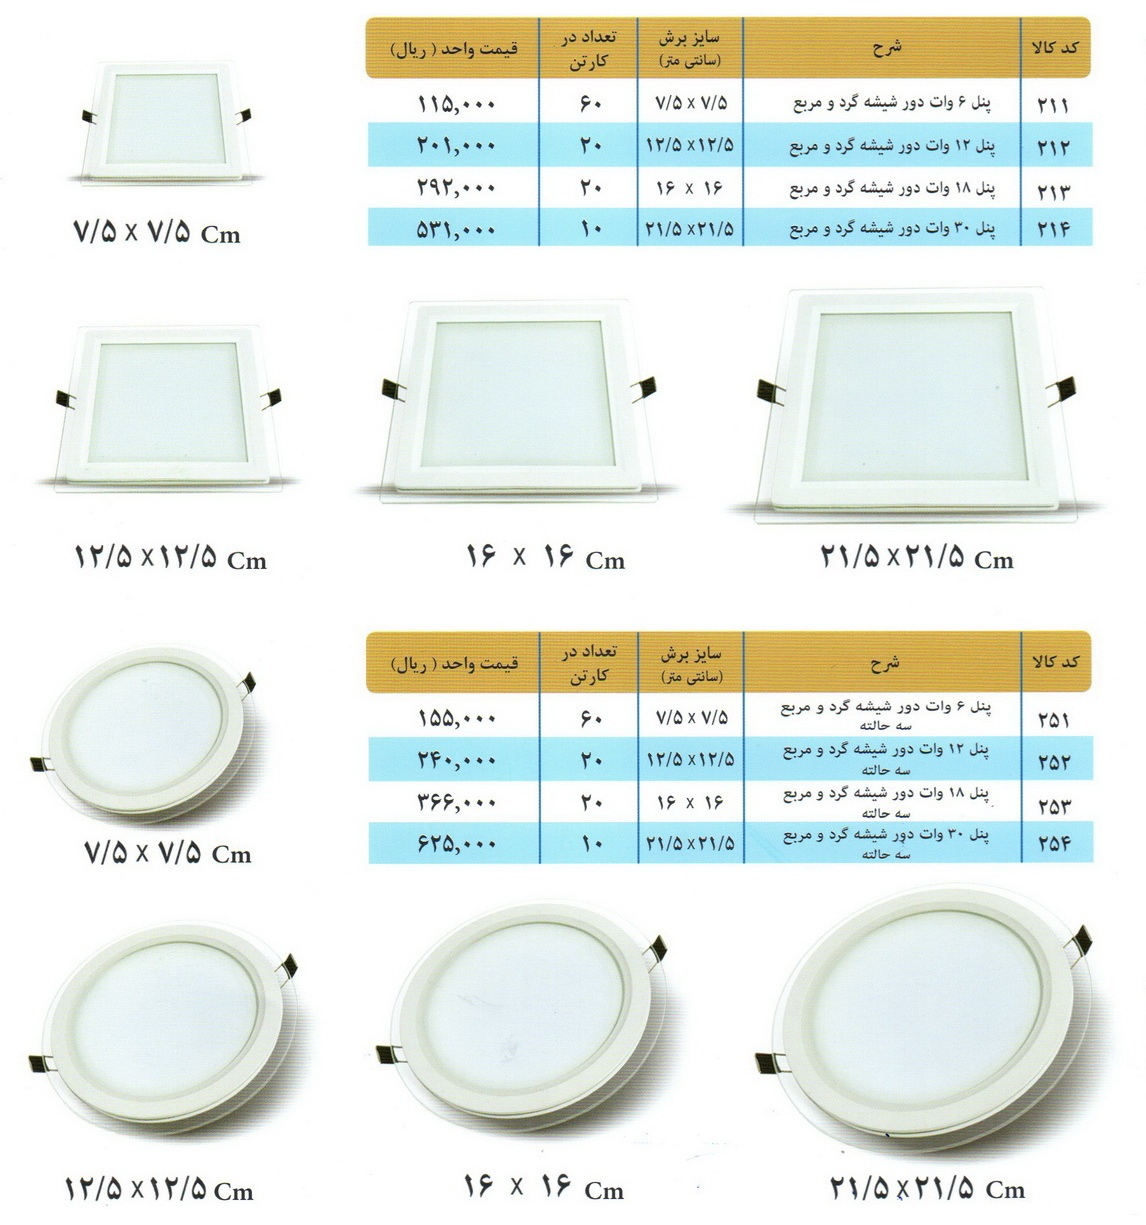 لیست قیمت پنل دور شیشه گرد و مربع